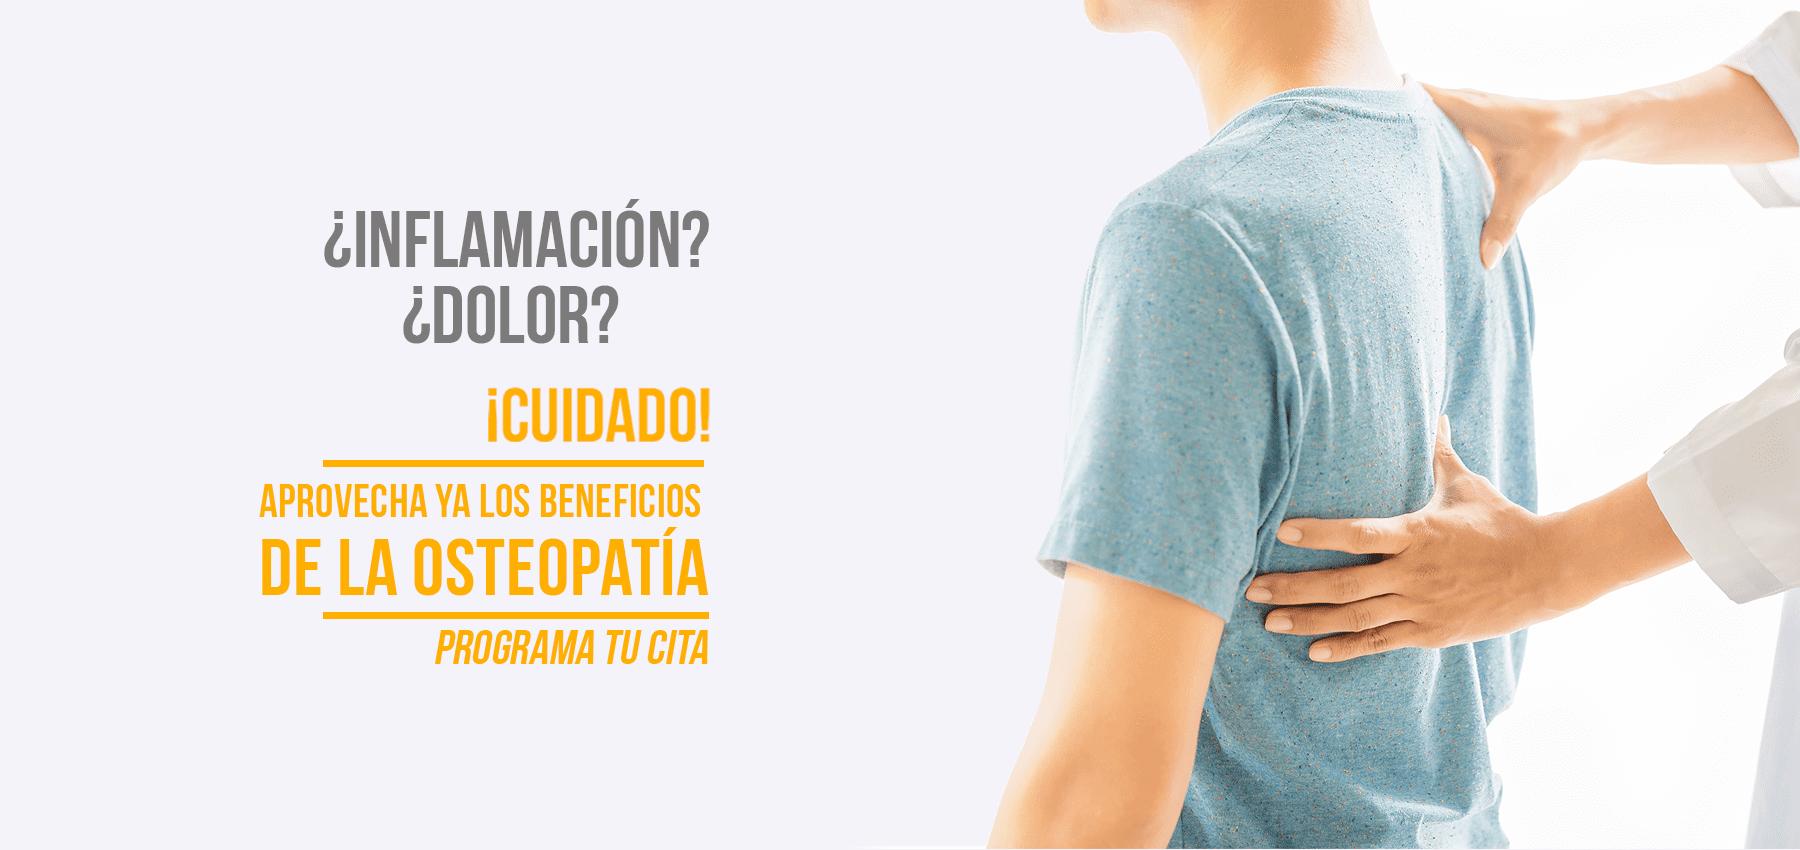 correcion-banner-6